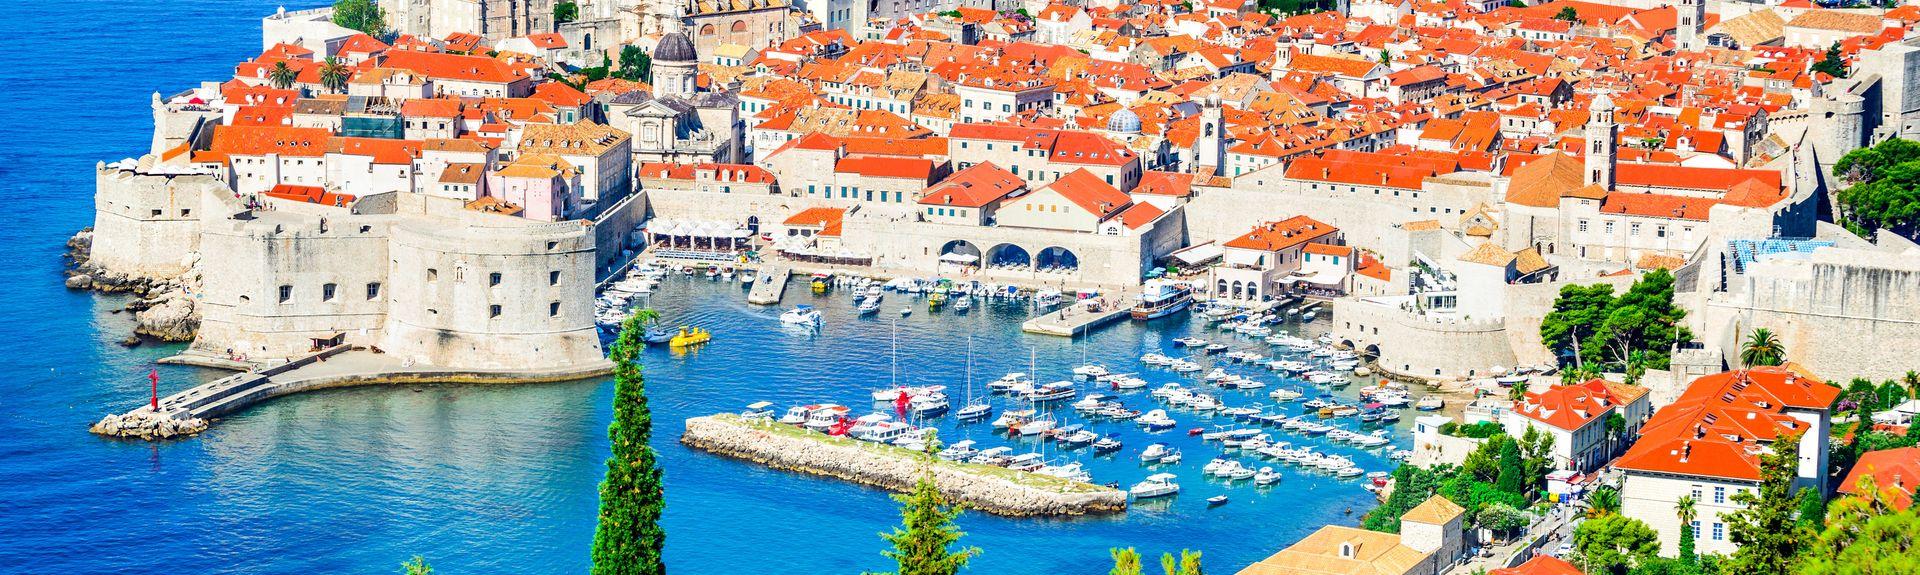 Dubrovnik, Dubrovnik-Neretvas län, Kroatien